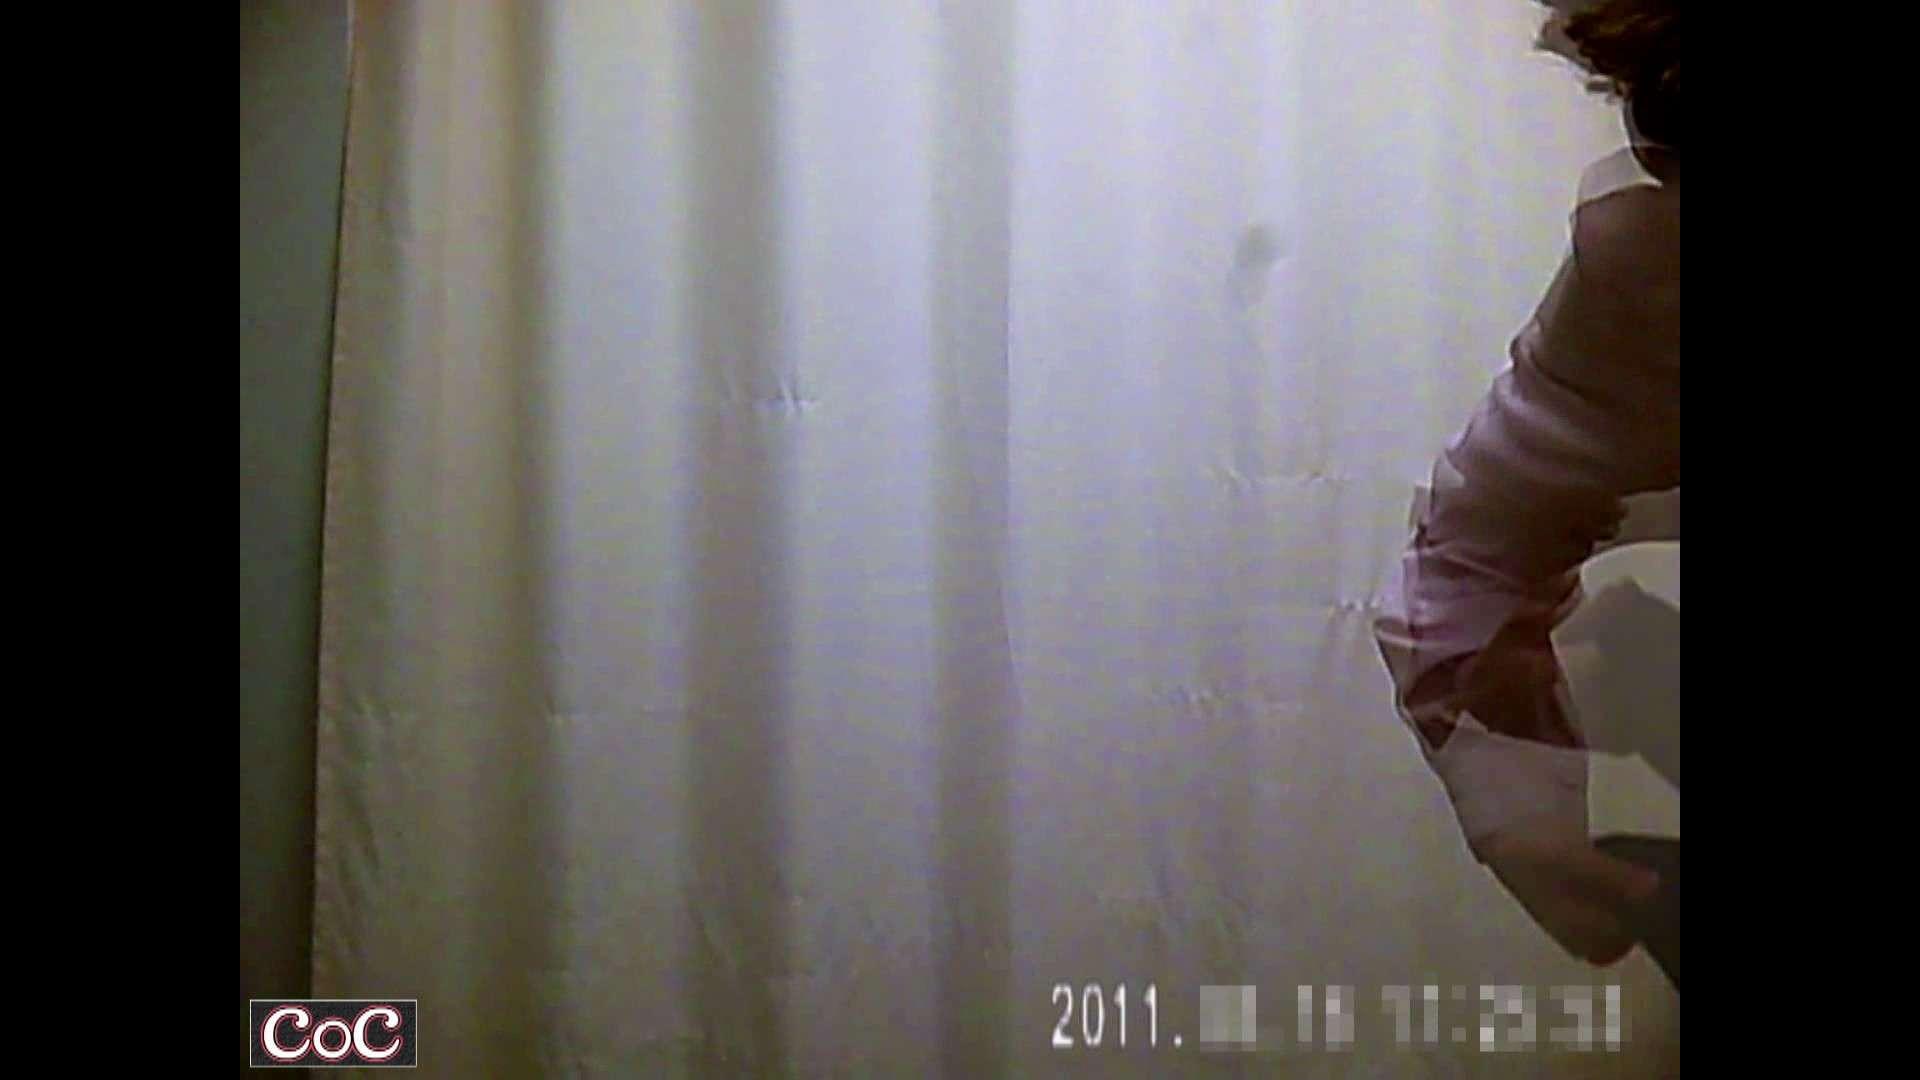 病院おもいっきり着替え! vol.122 独占盗撮 隠し撮りオマンコ動画紹介 81連発 52